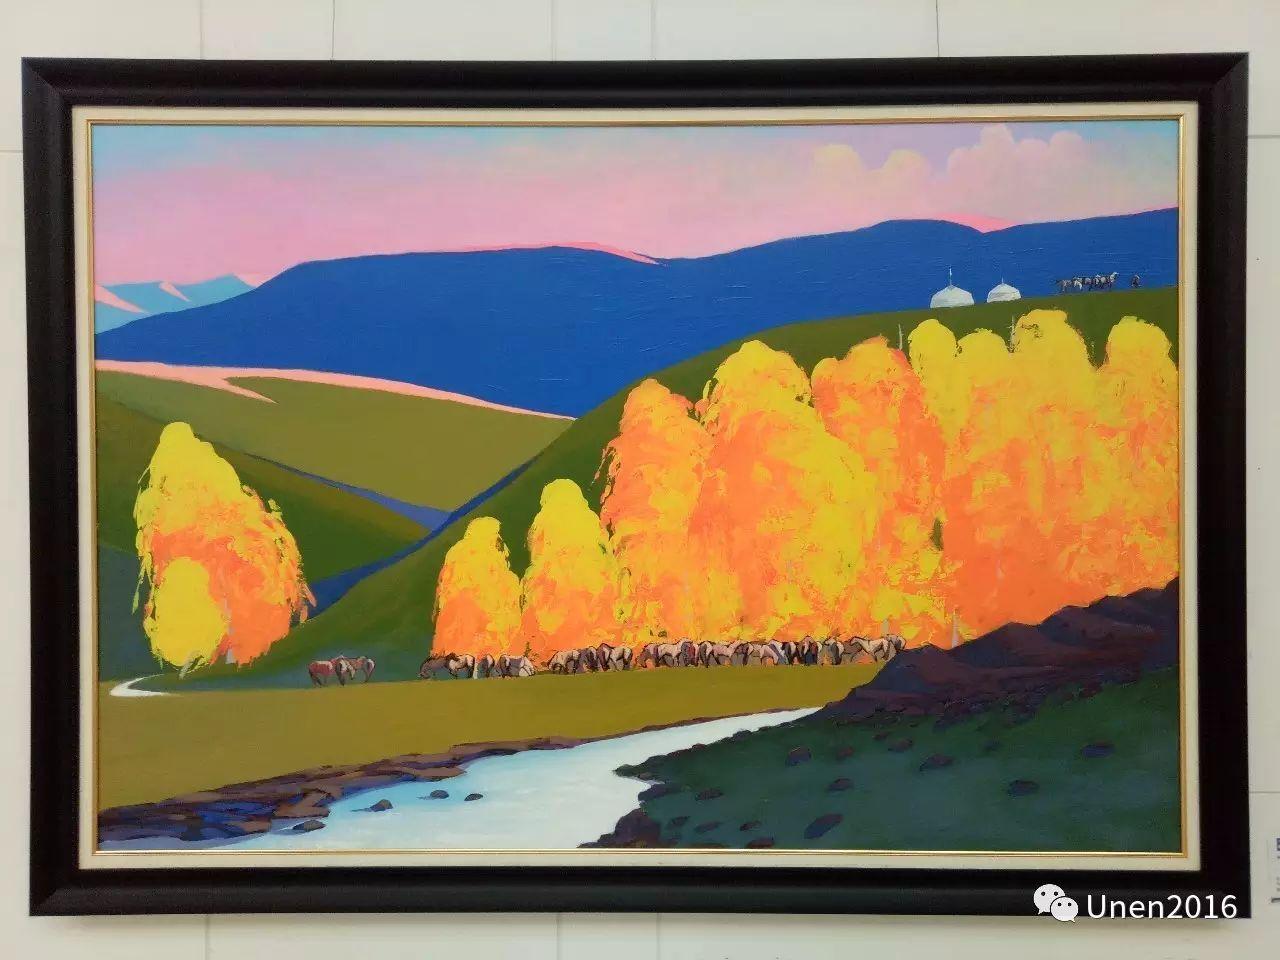 蒙古国画家傲日格勒宝勒德的油画作品 第3张